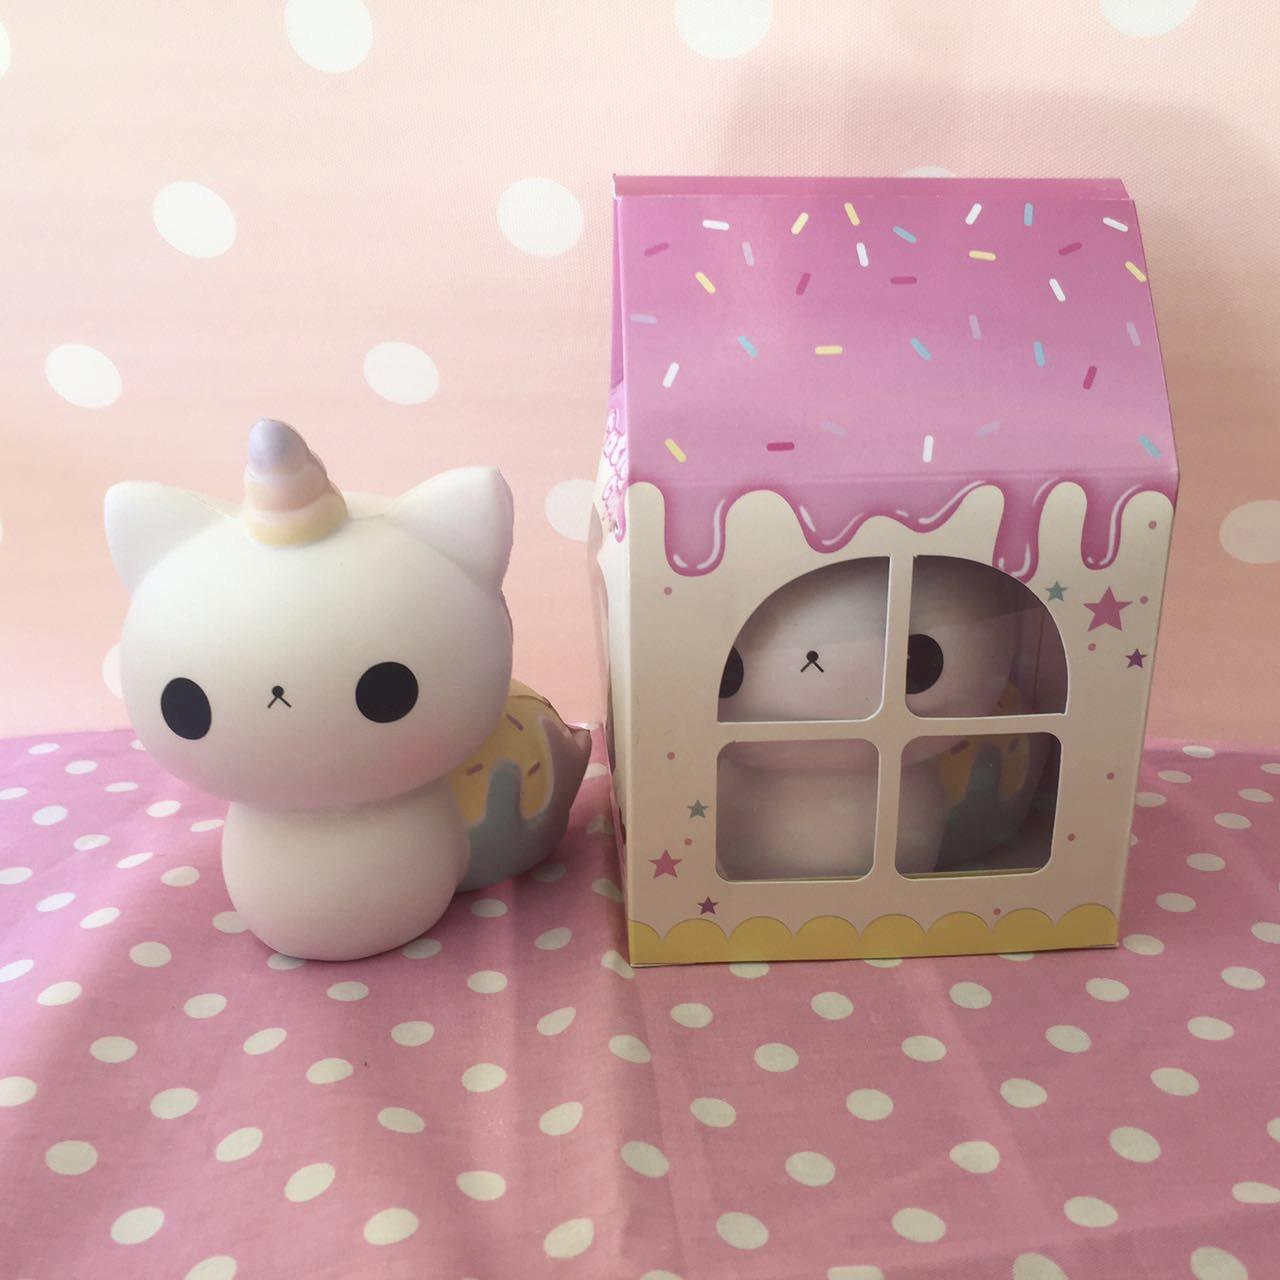 Cupcake kitty caticorn squishy ~ adopt me